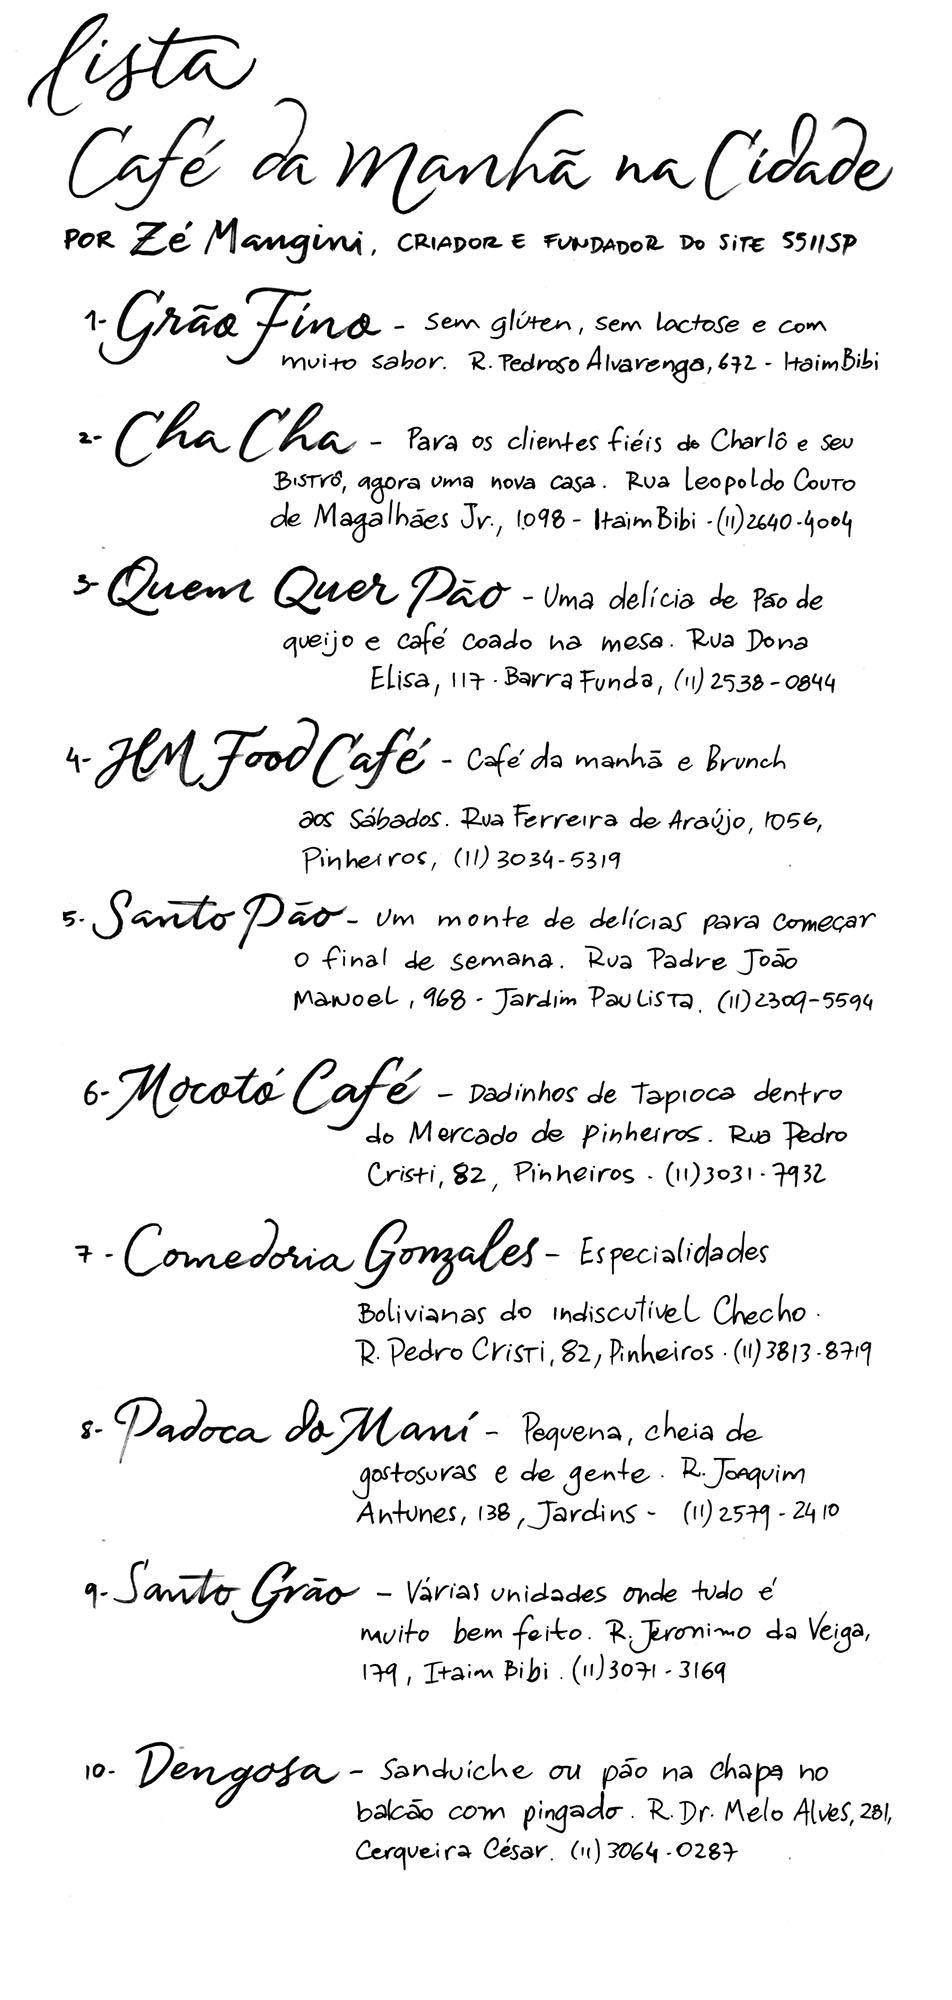 lista de melhores café da manhã em SP por Zé Mangini